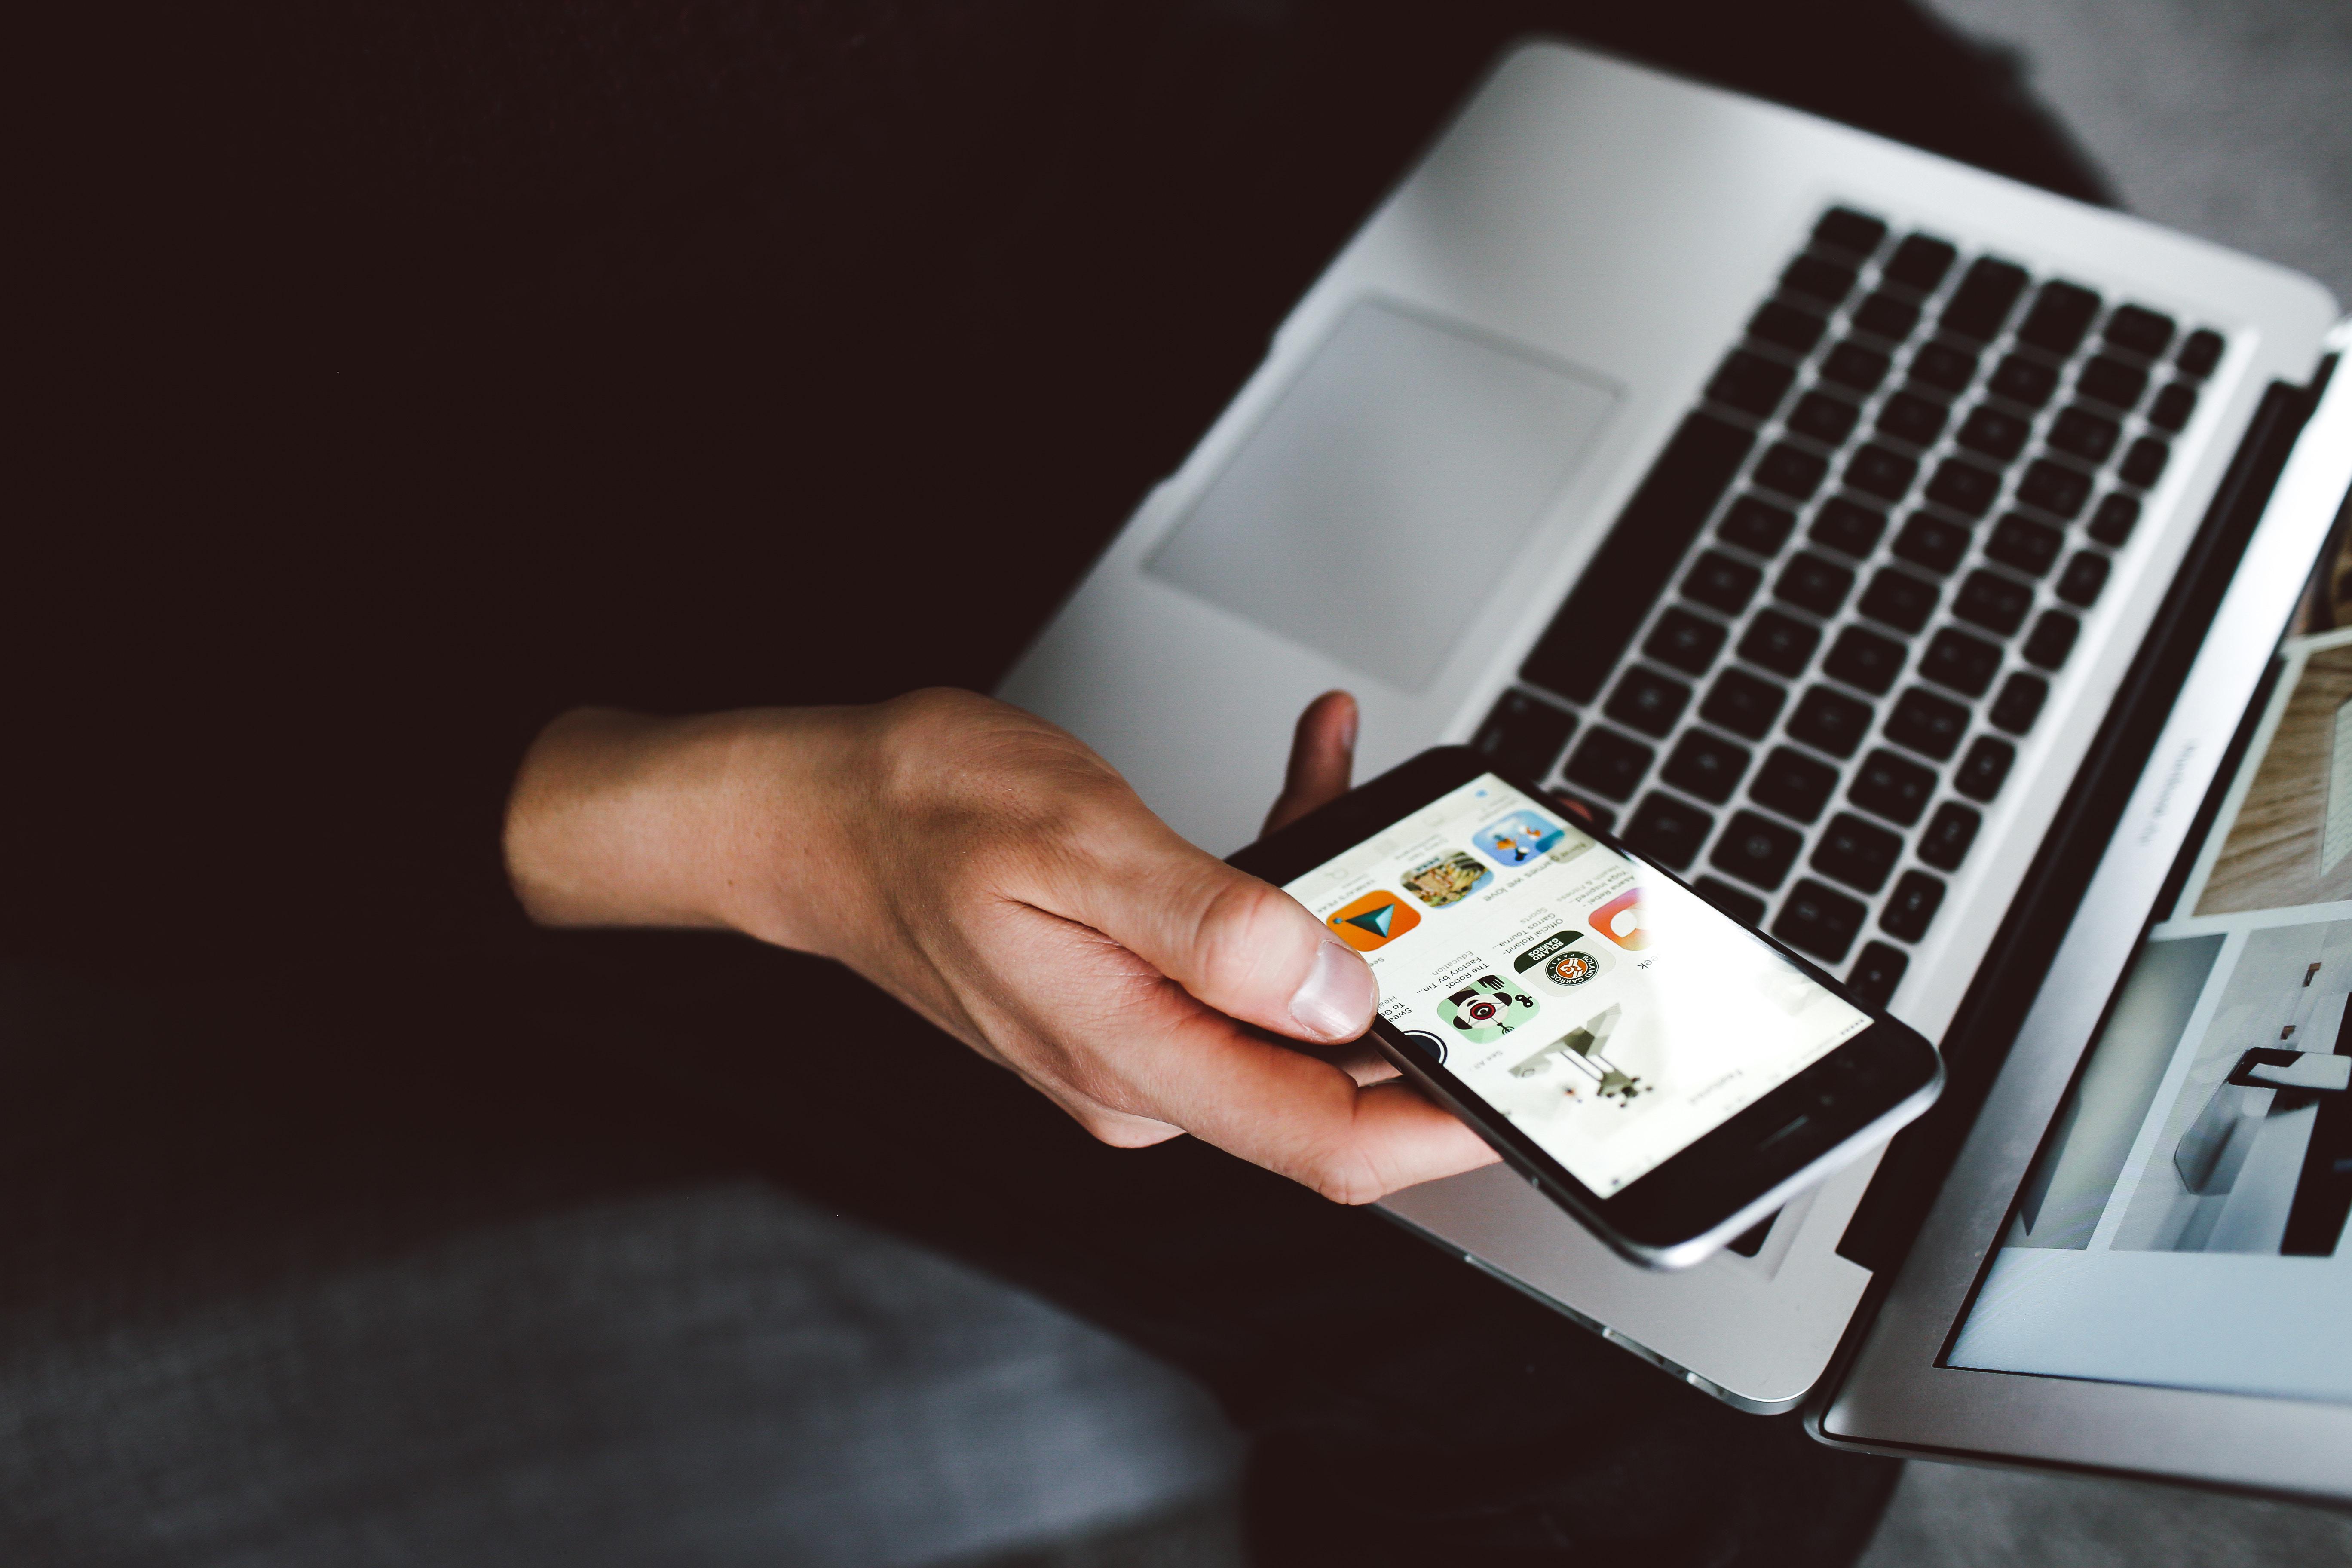 Bilde av en hånd som holder en mobiltelefon over en åpen laptop